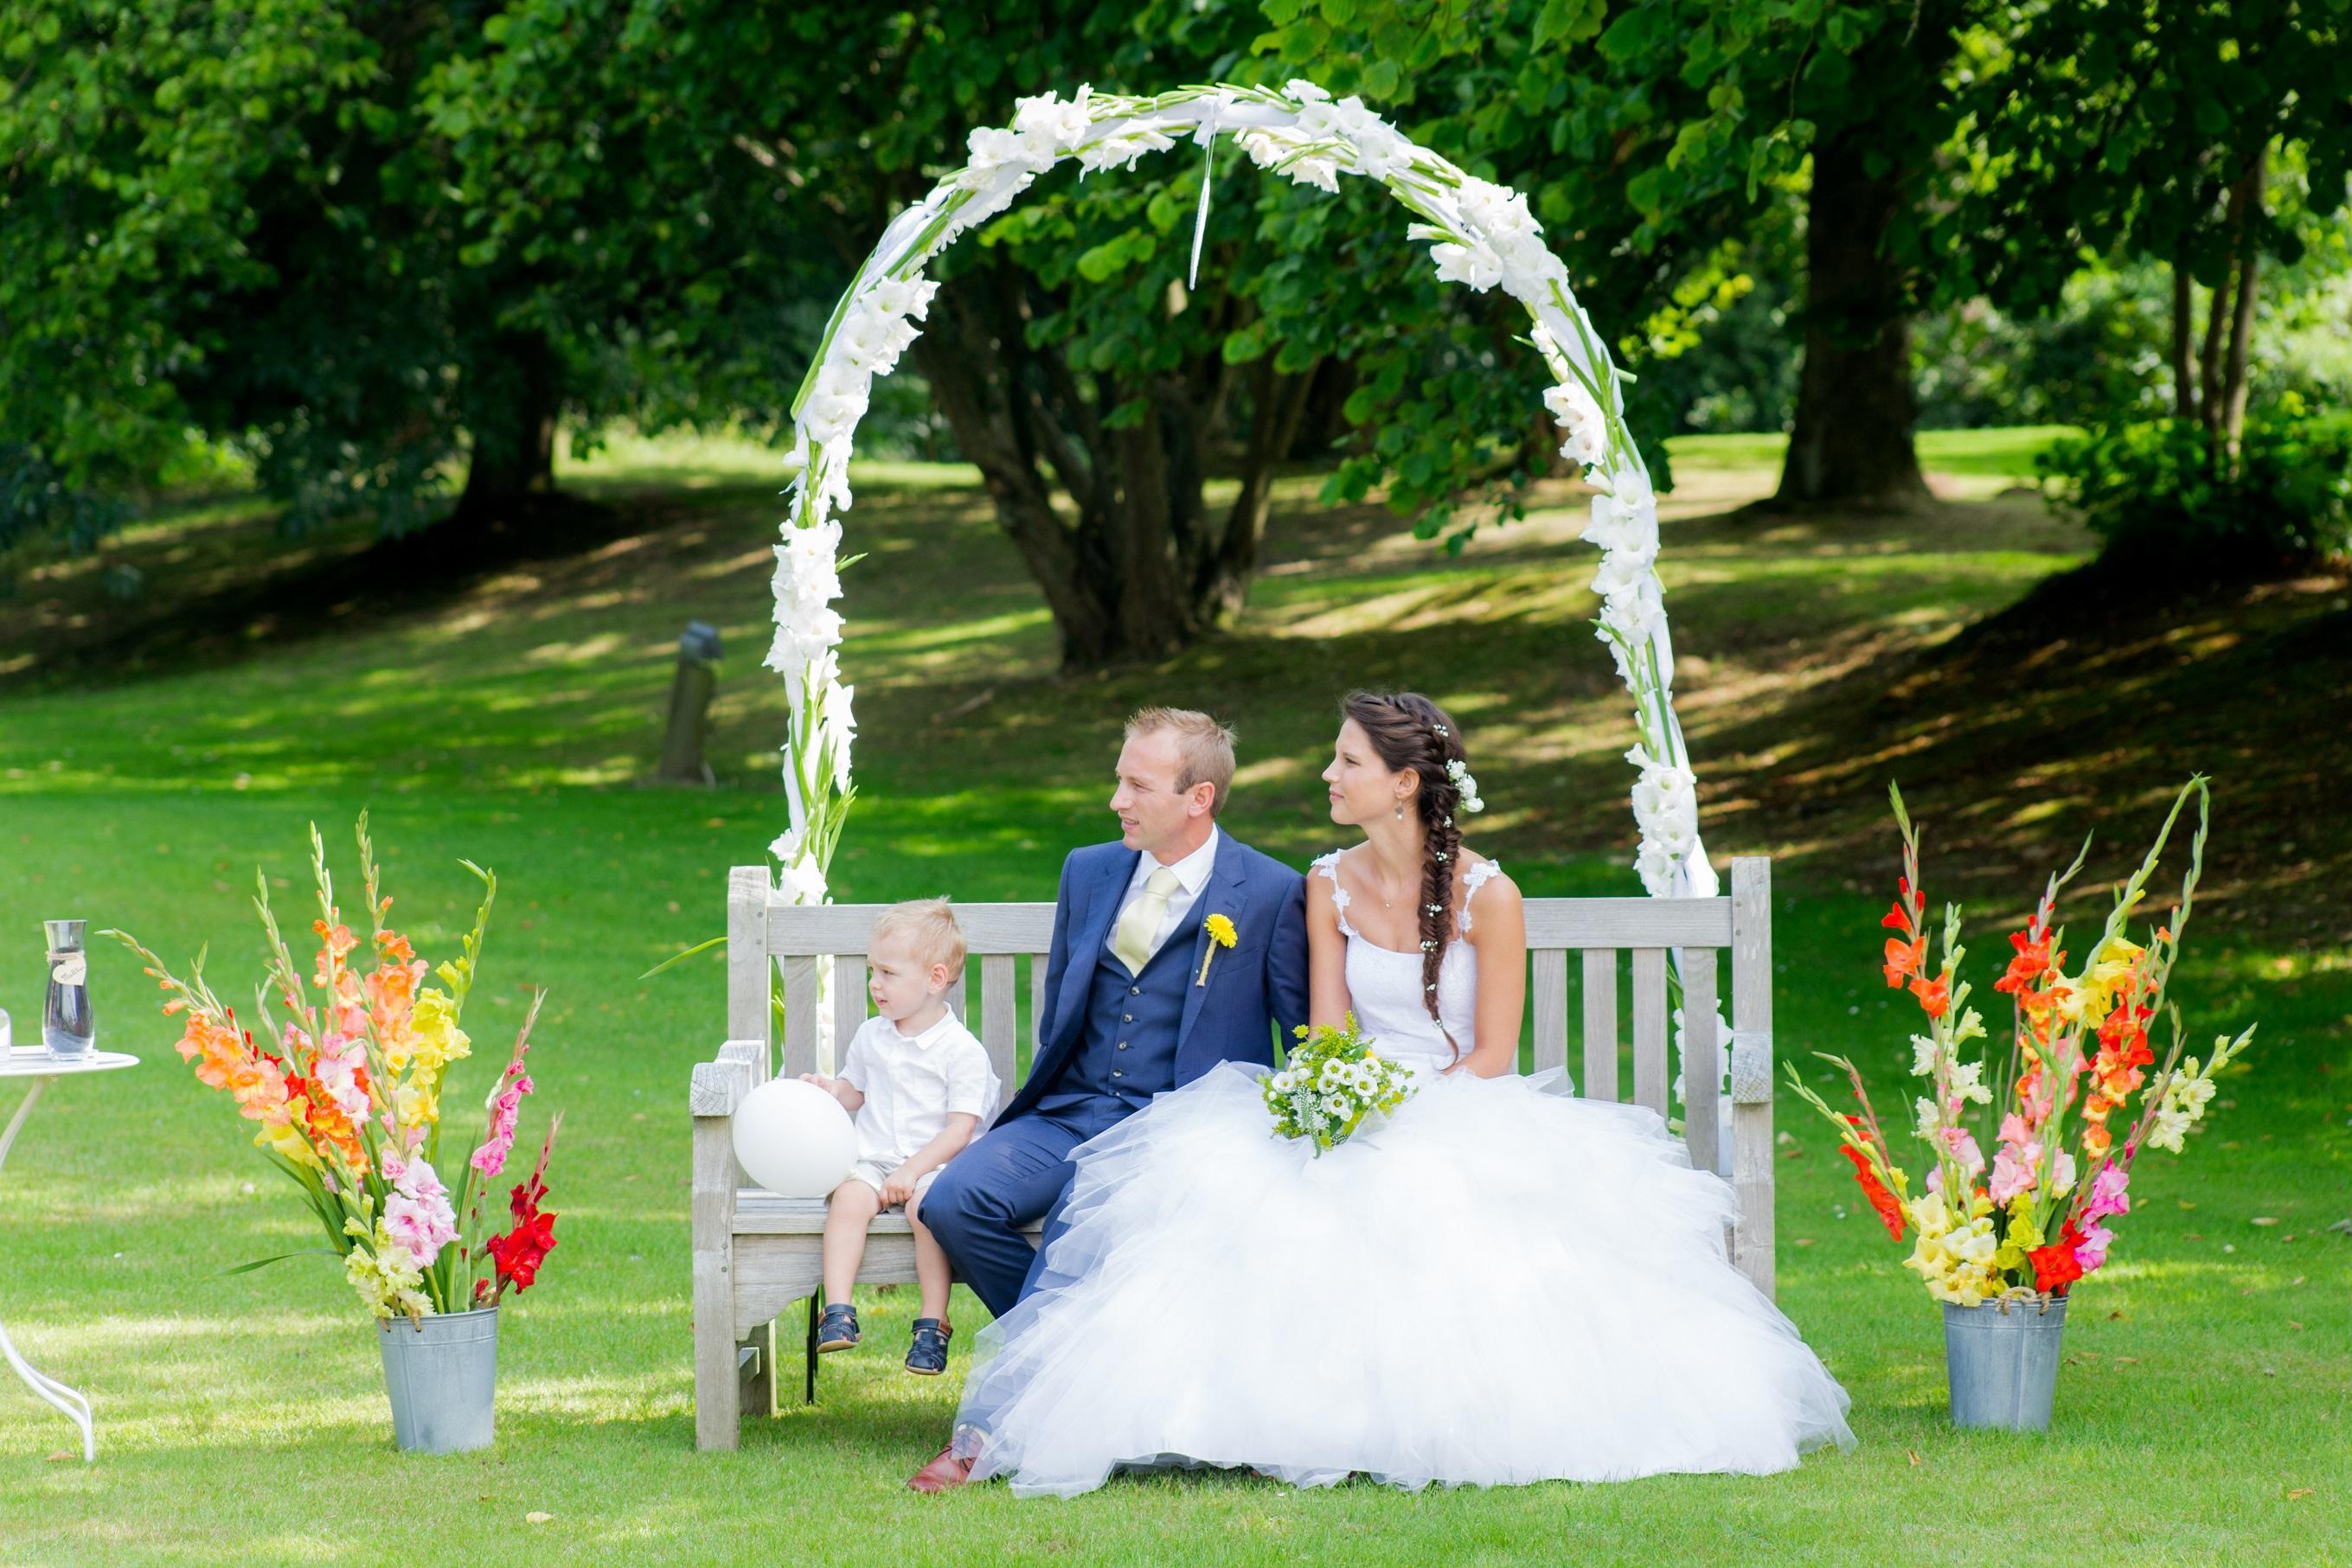 Le mariage tout en couleurs et sous le signe du voyage de M&M's !